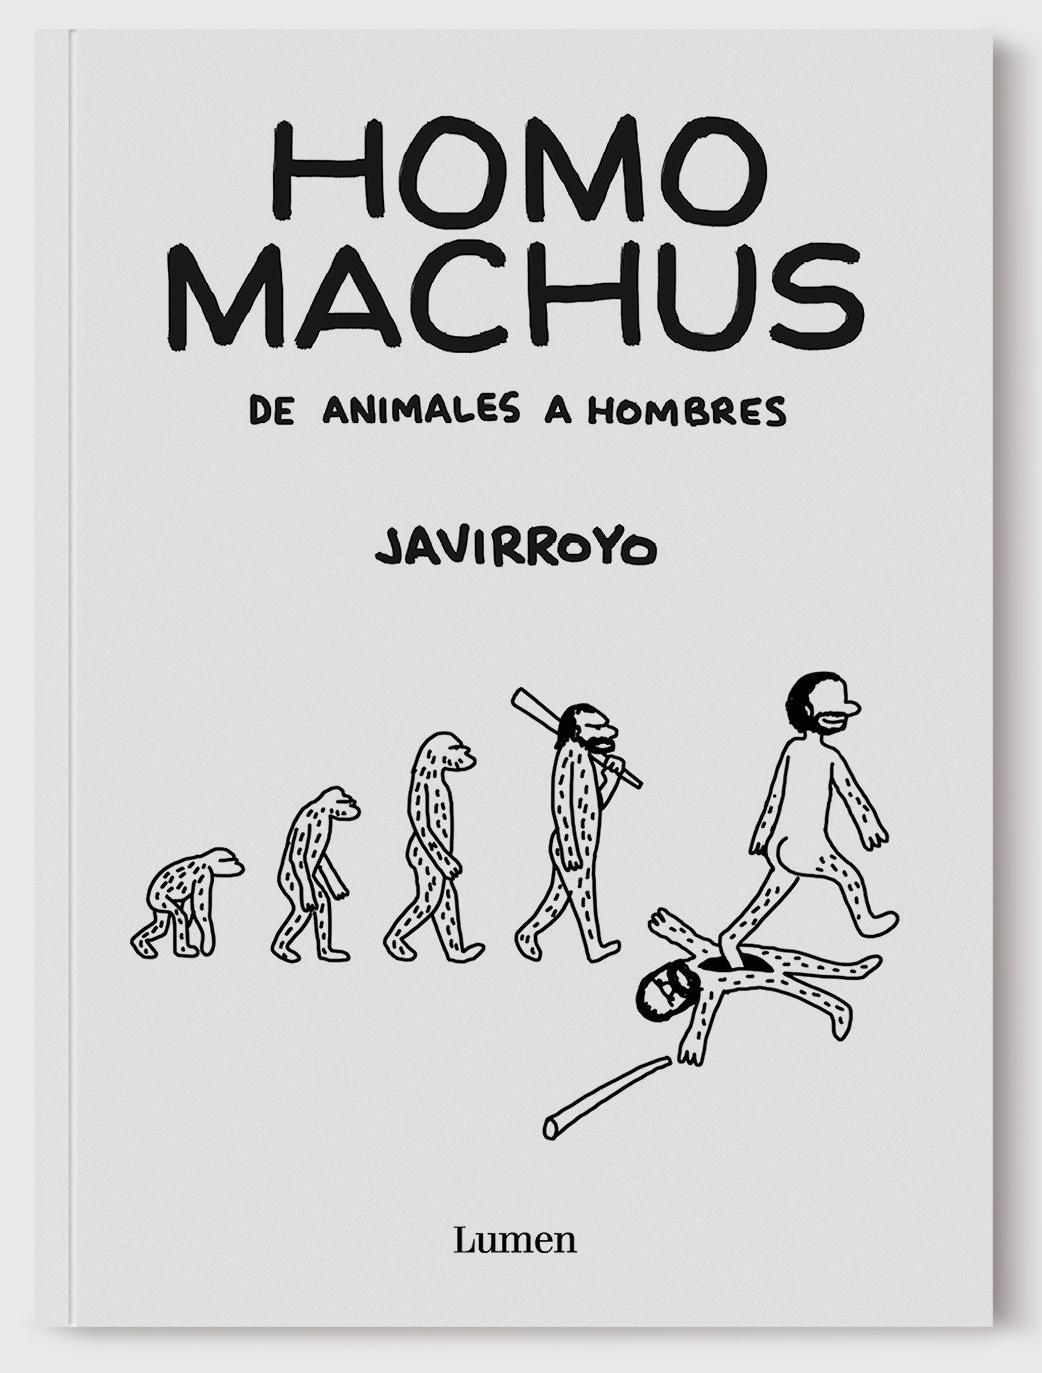 JAVIRROYO CONTRA EL HOMO MACHUS